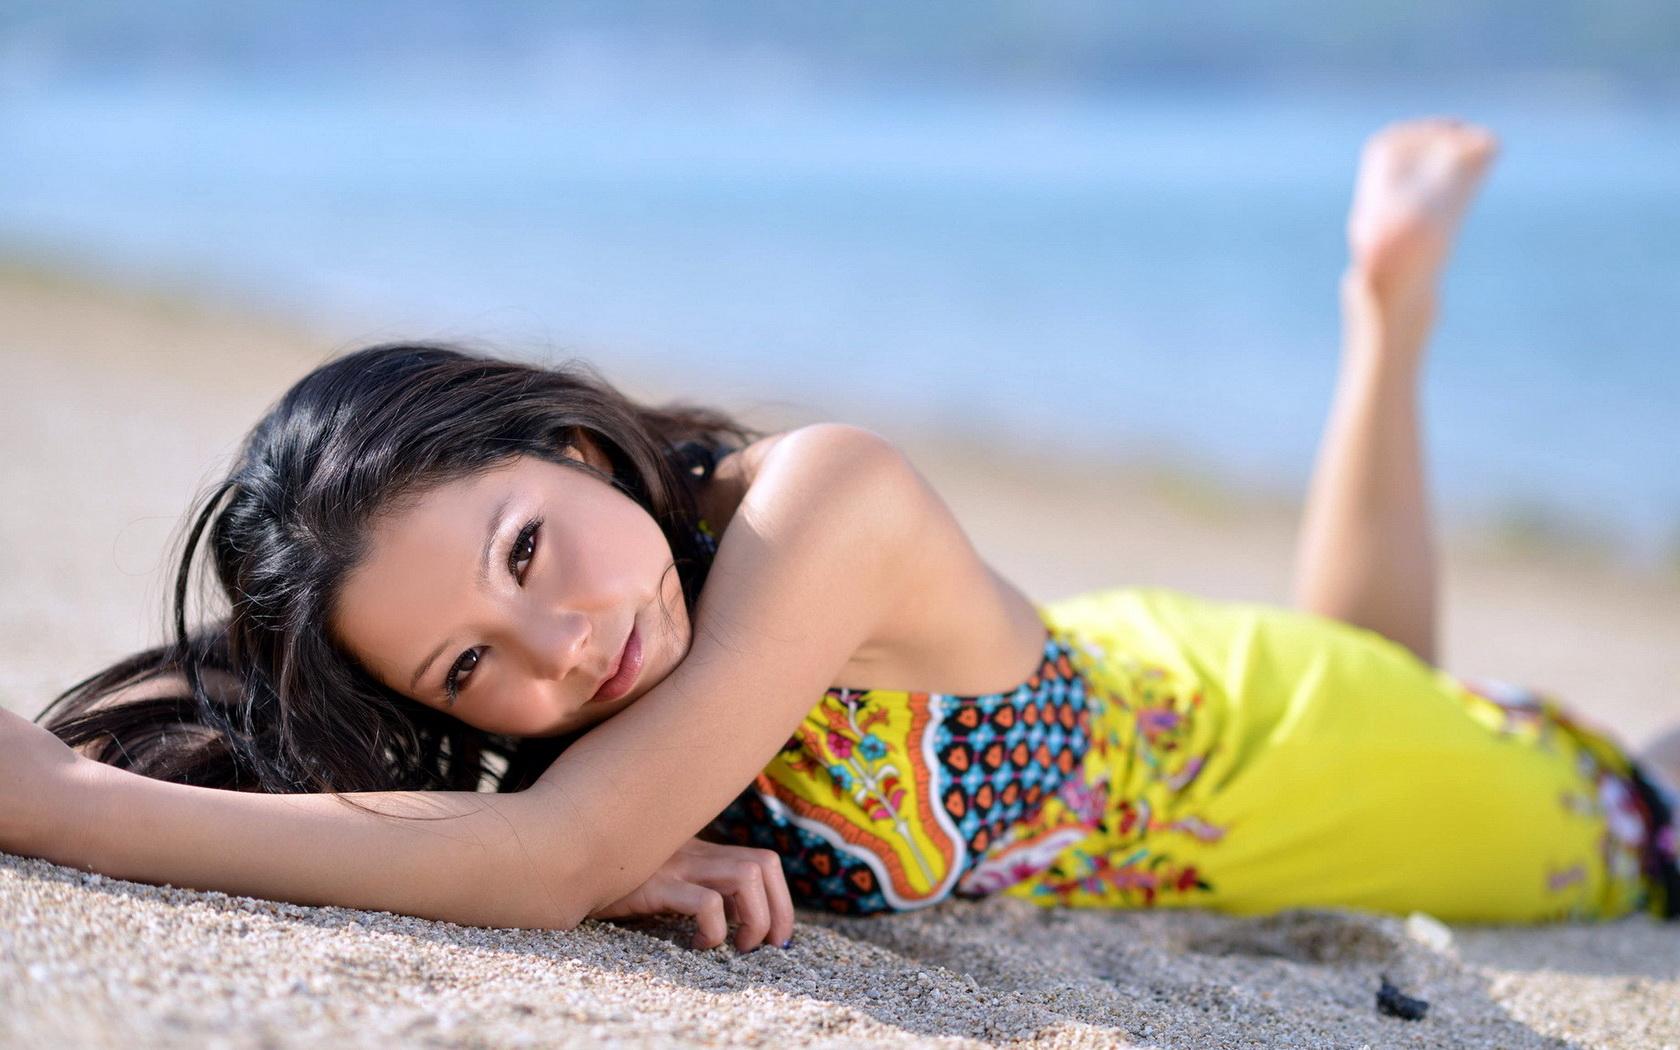 Asiatica en la playa - 1680x1050